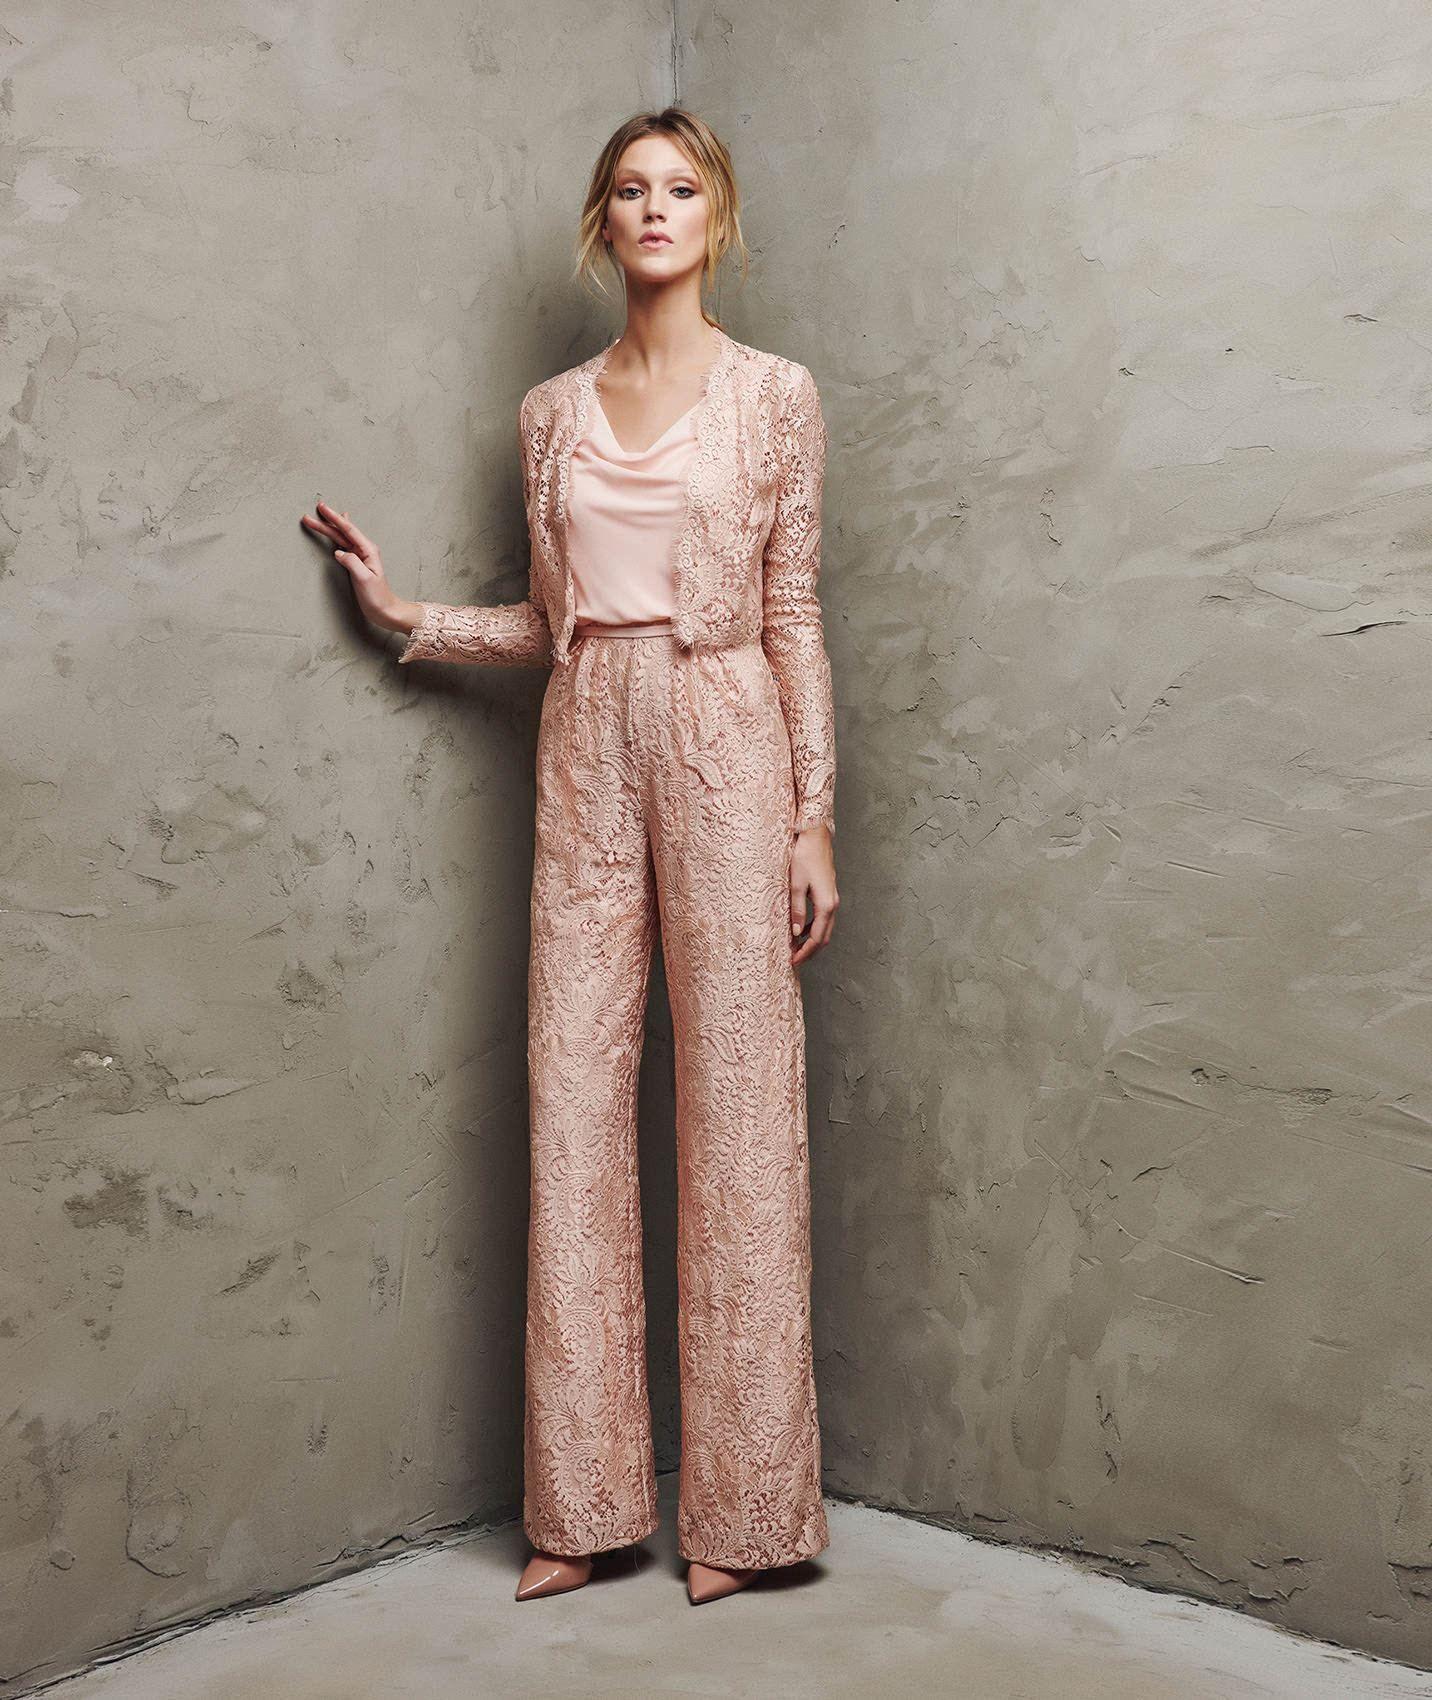 Kleid für die Trauzeugin kaufen: Tipps, Trends und Ideen ...